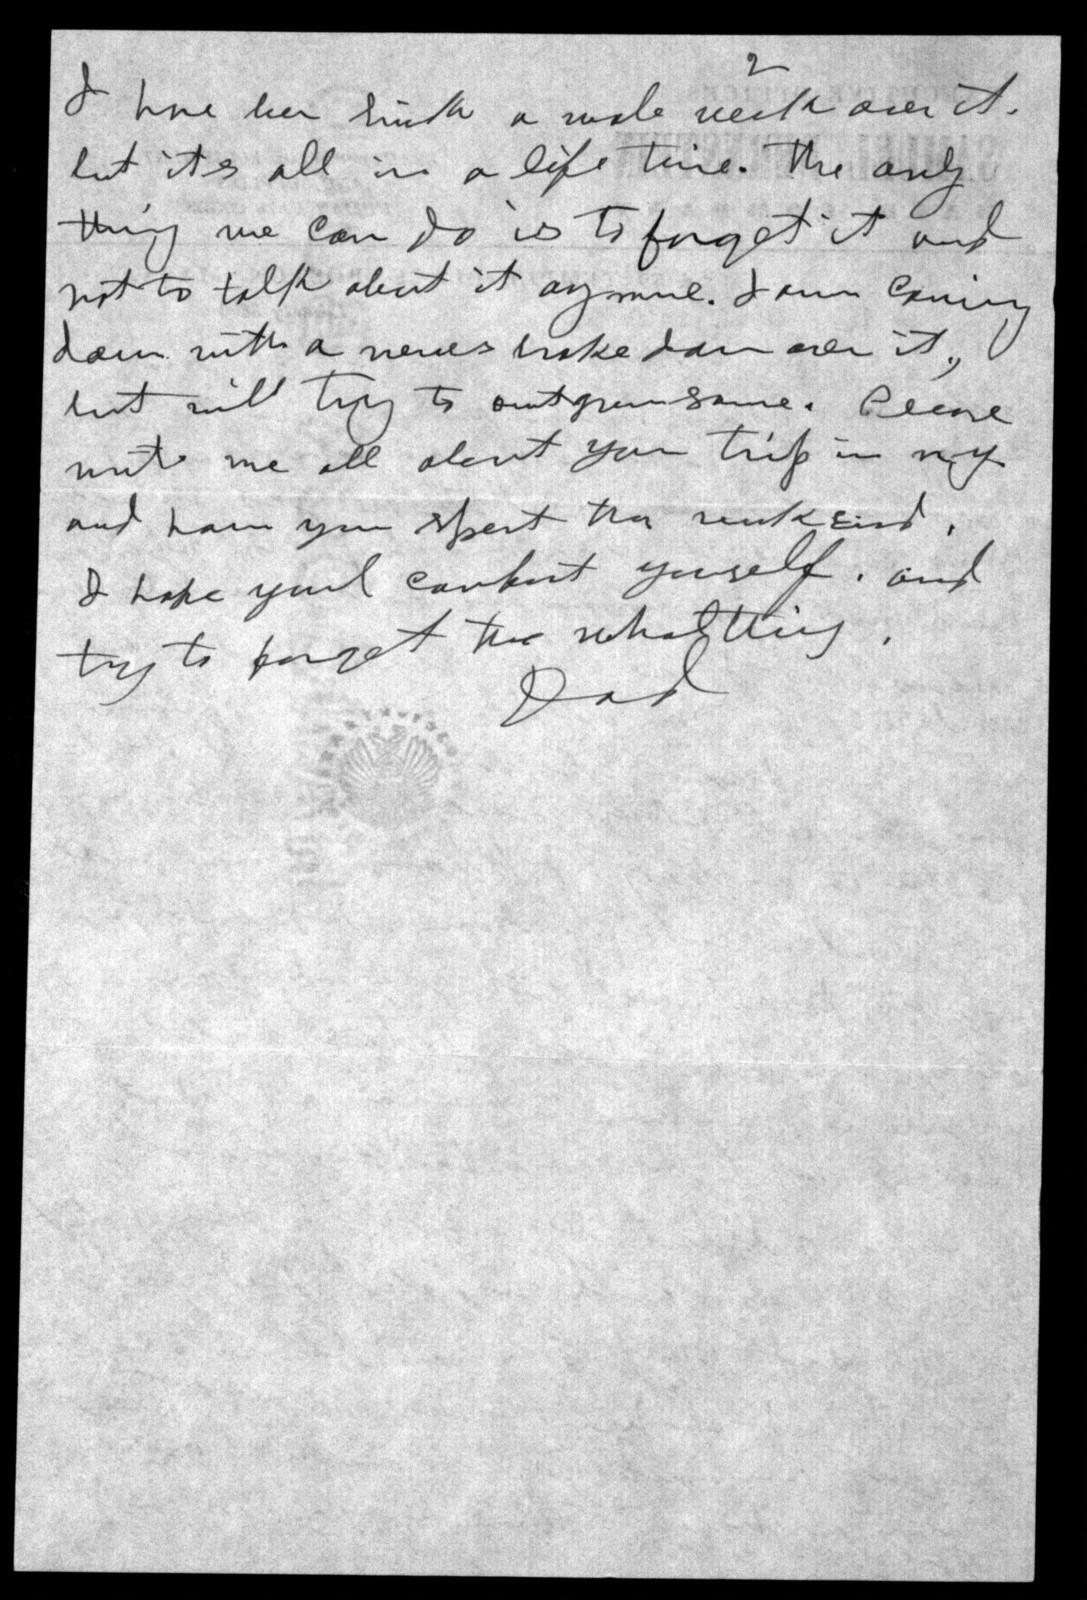 Letter from Shirley Bernstein to Sam Bernstein, n.d.